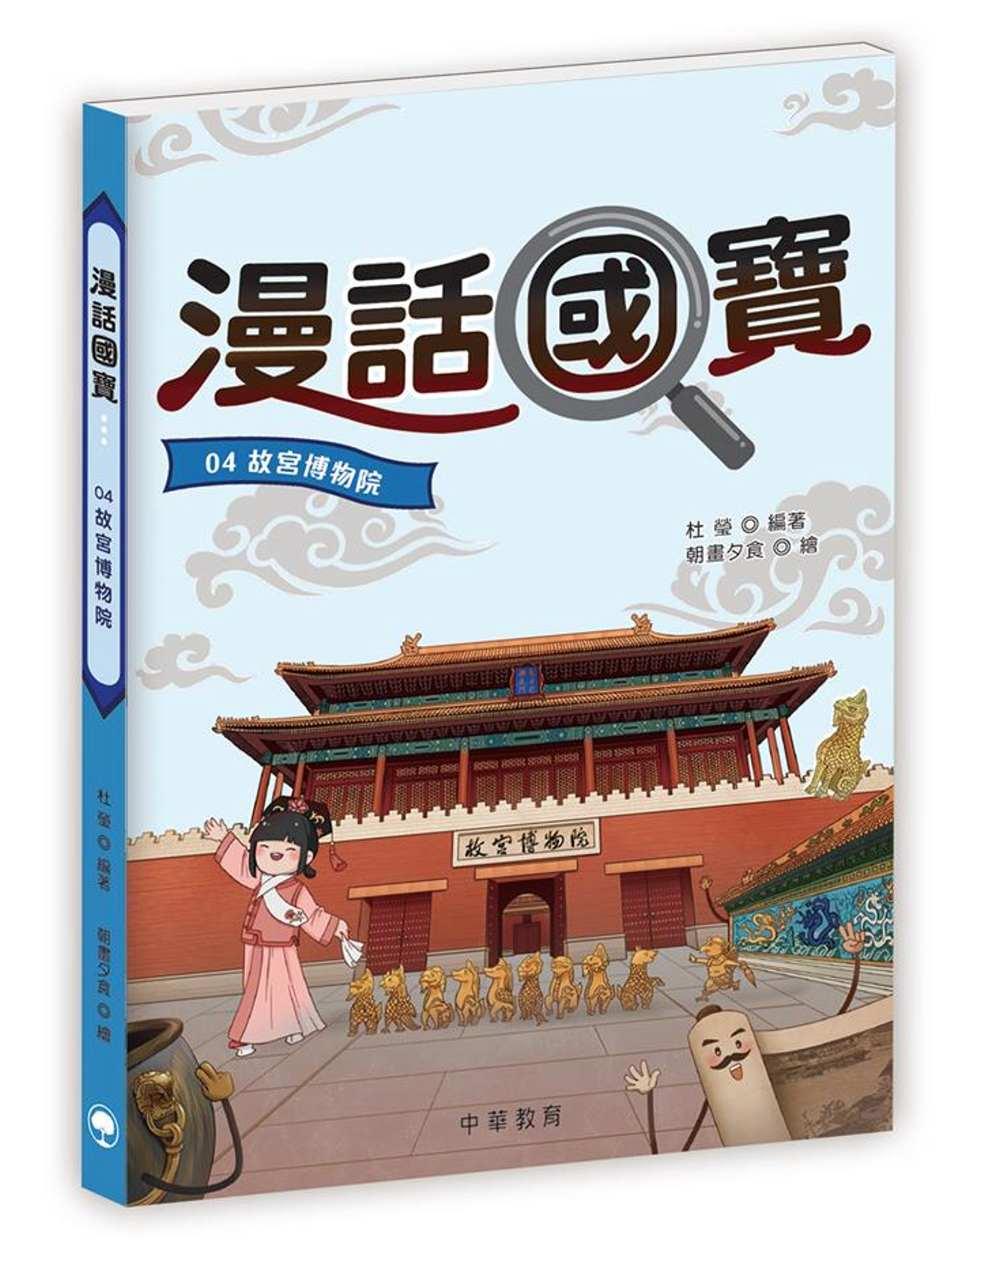 漫話國寶04:故宮博物院